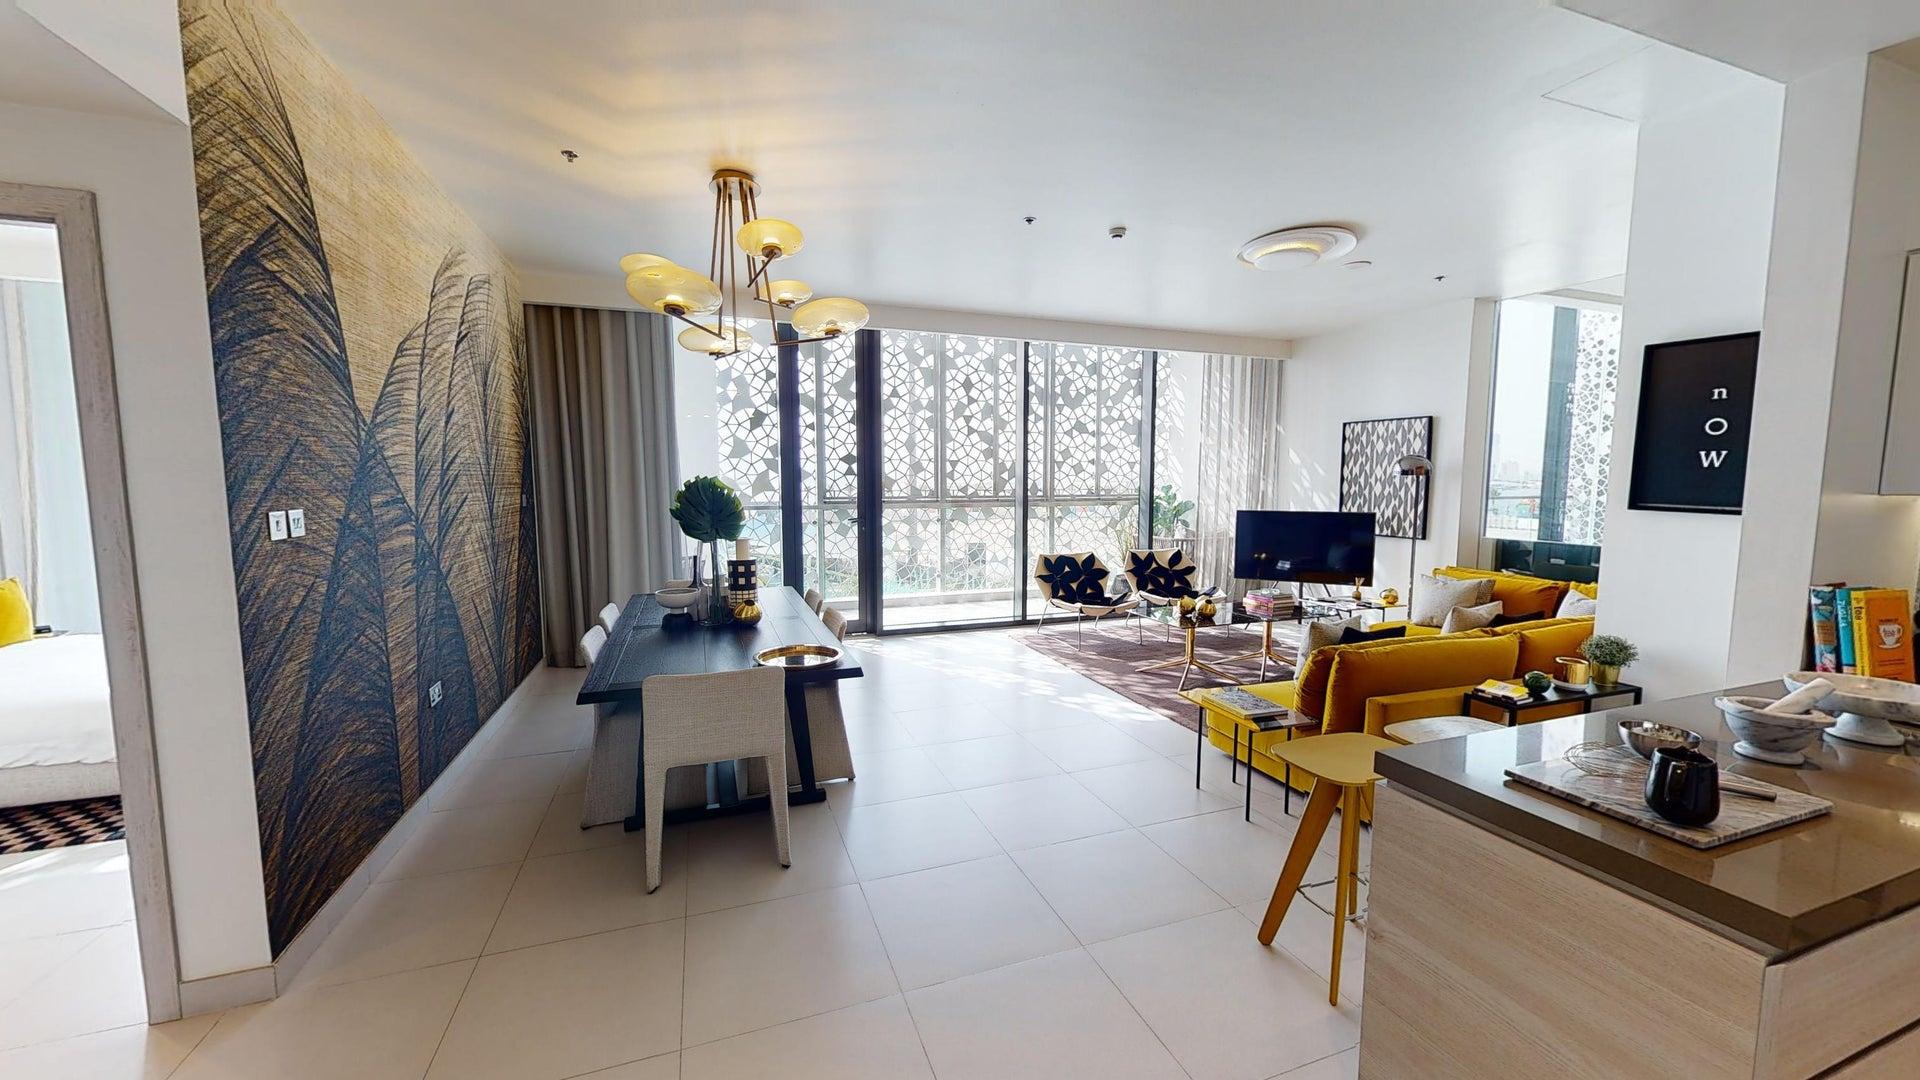 Apartamento en venta en Dubai, EAU, 1 dormitorio, 74 m2, № 24402 – foto 1